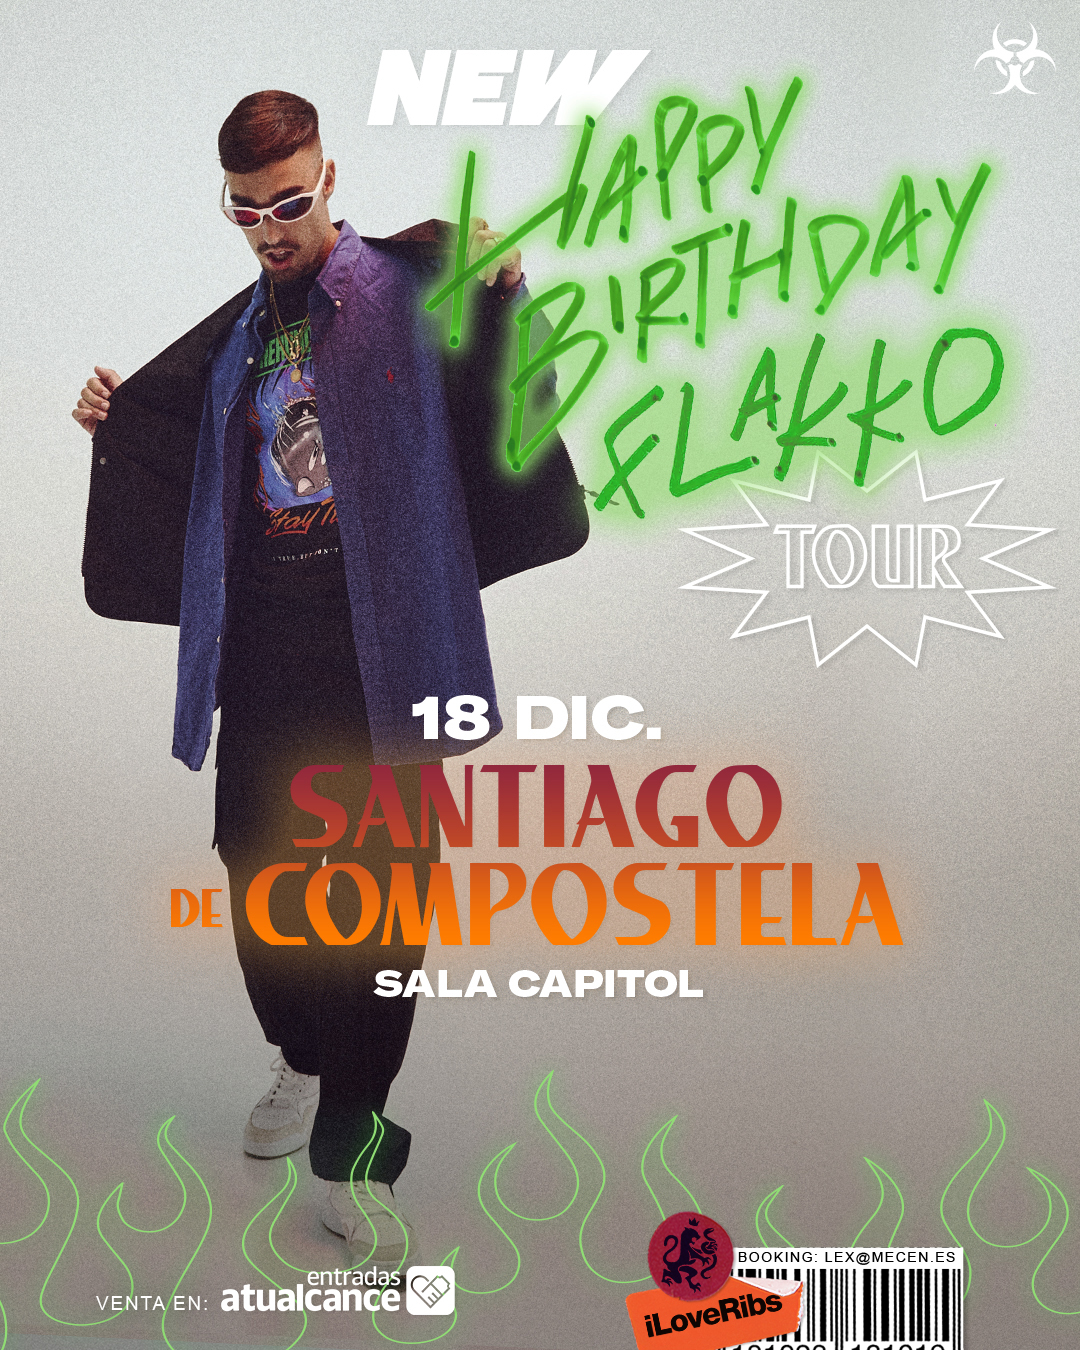 rels-b-en-santiago-de-compostela-sala-capitol-5e8b4dca91ded.jpeg